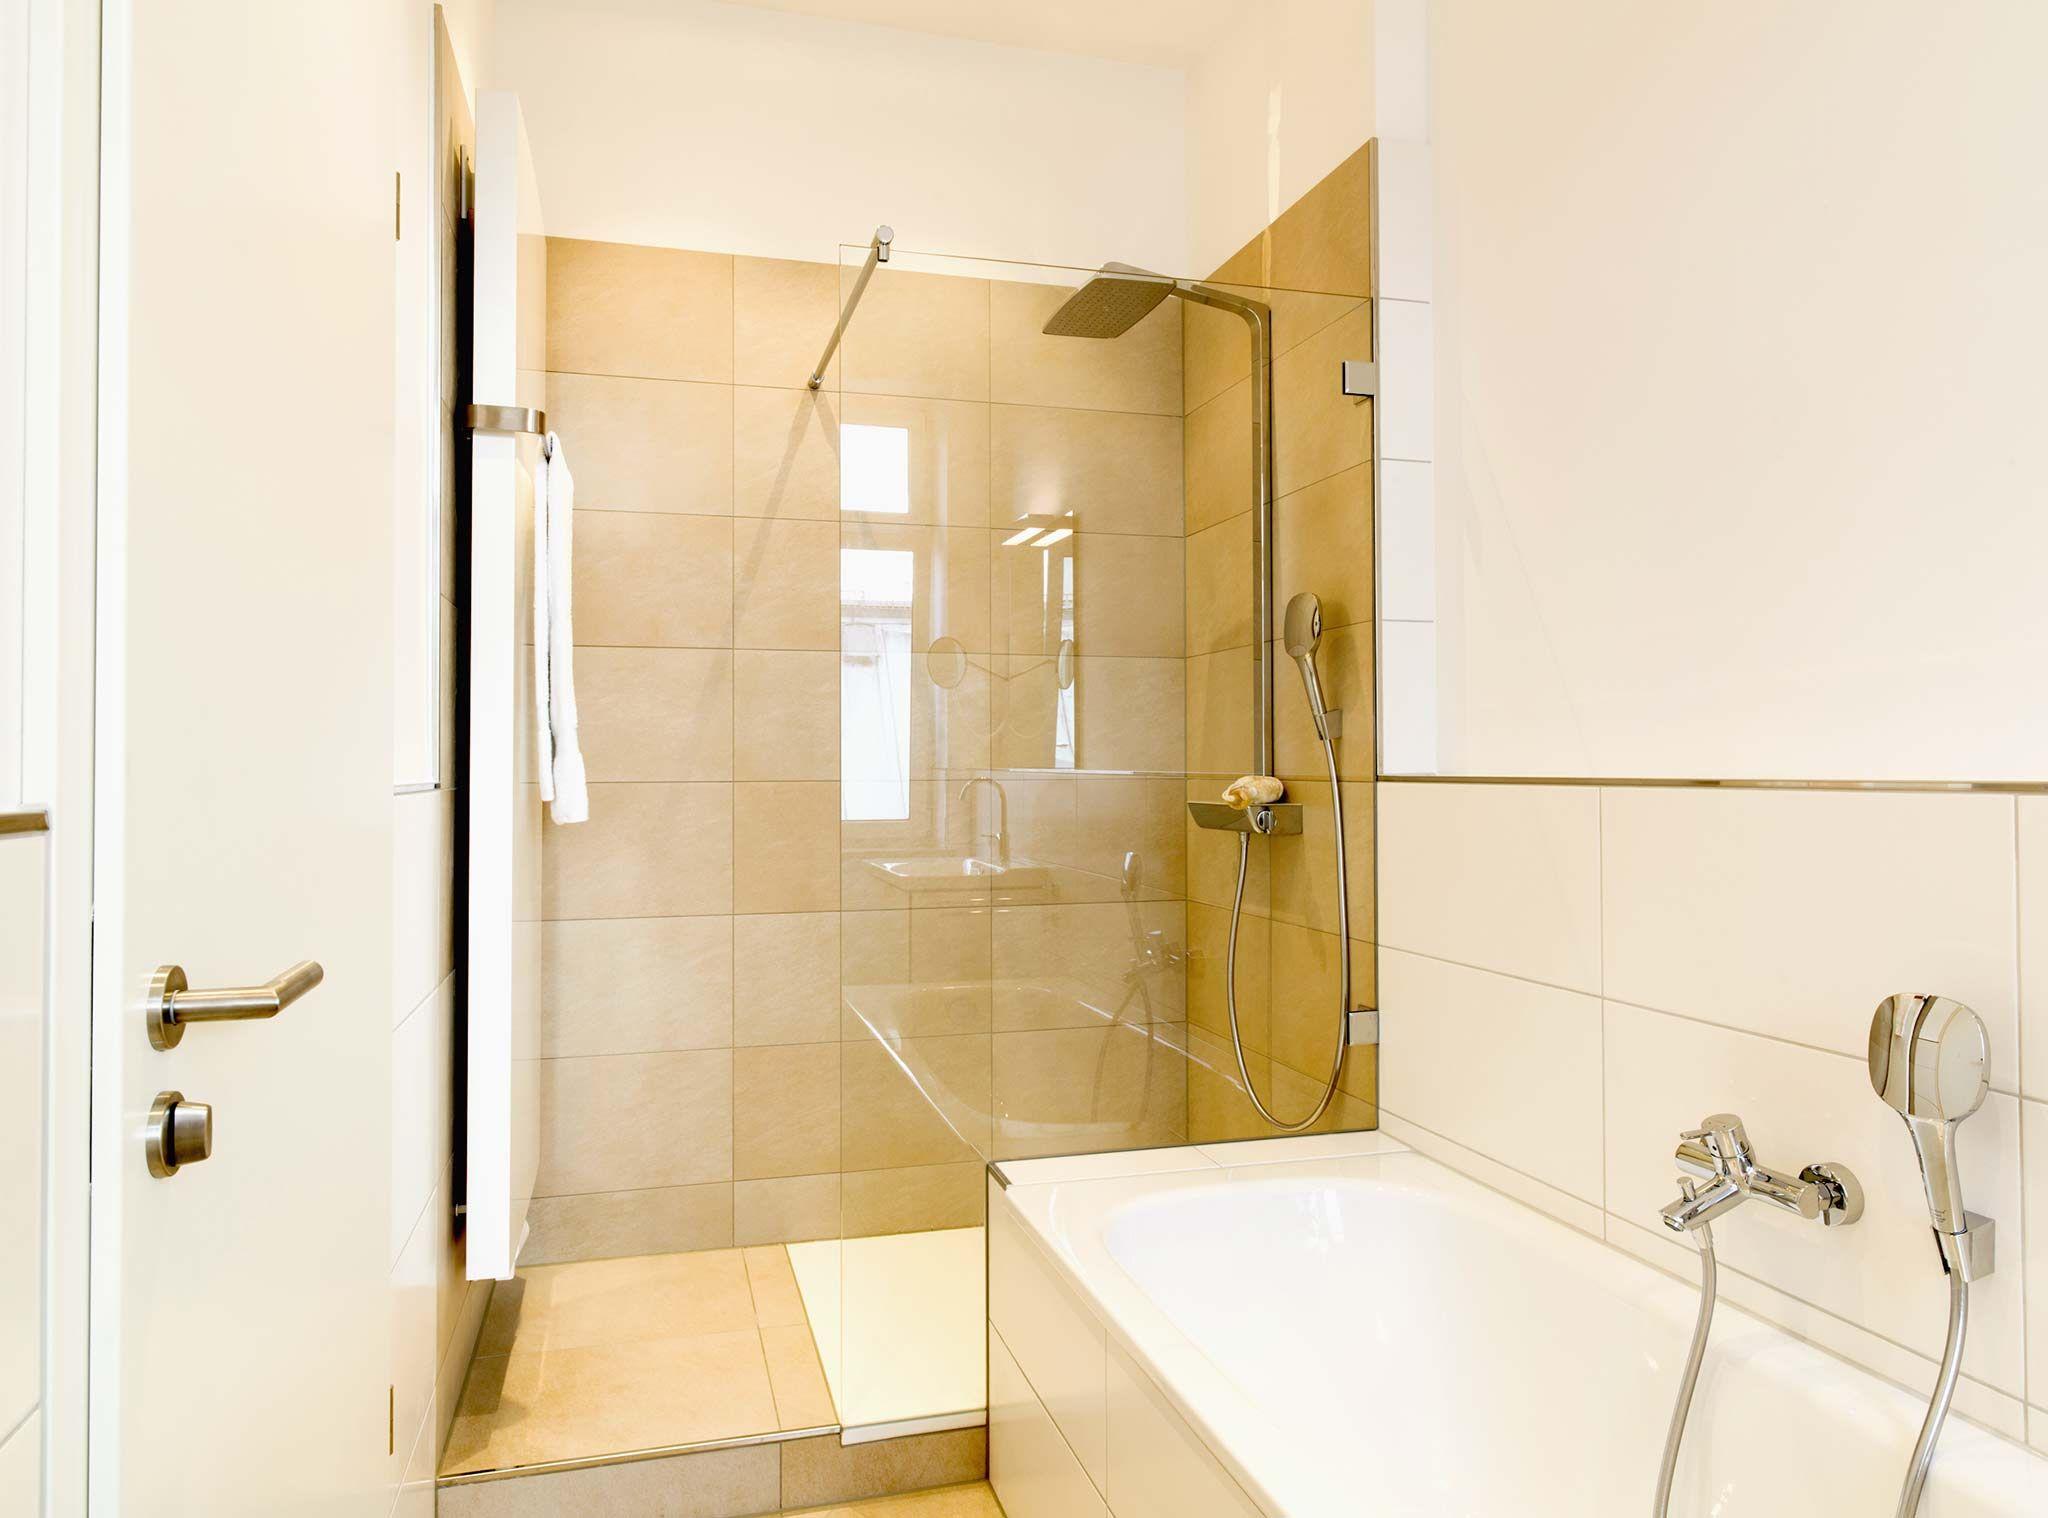 Gemauerte Dusche Ohne Glas Google Suche Beton Badezimmer